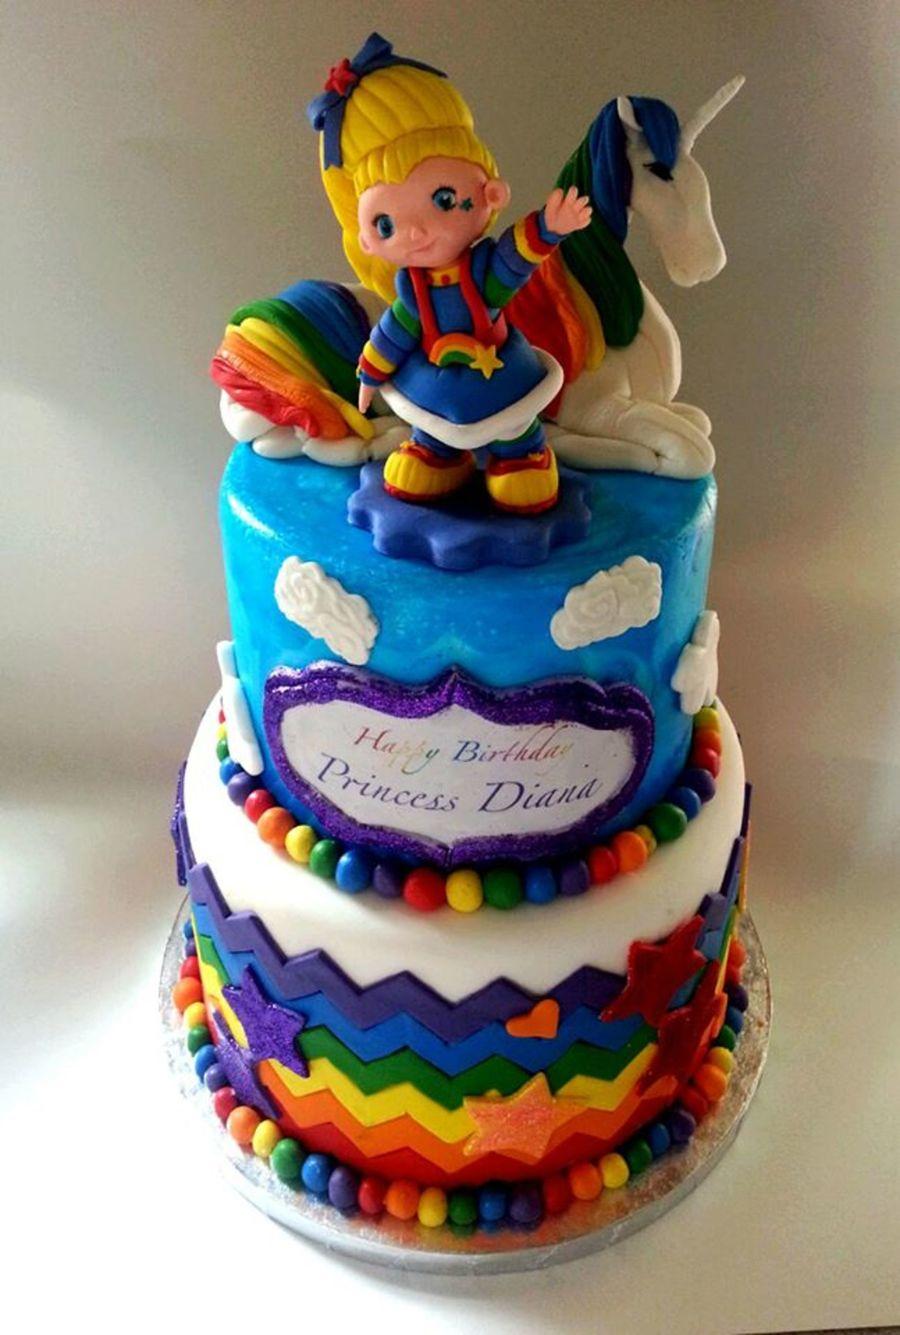 Rainbow Brite Cake Images